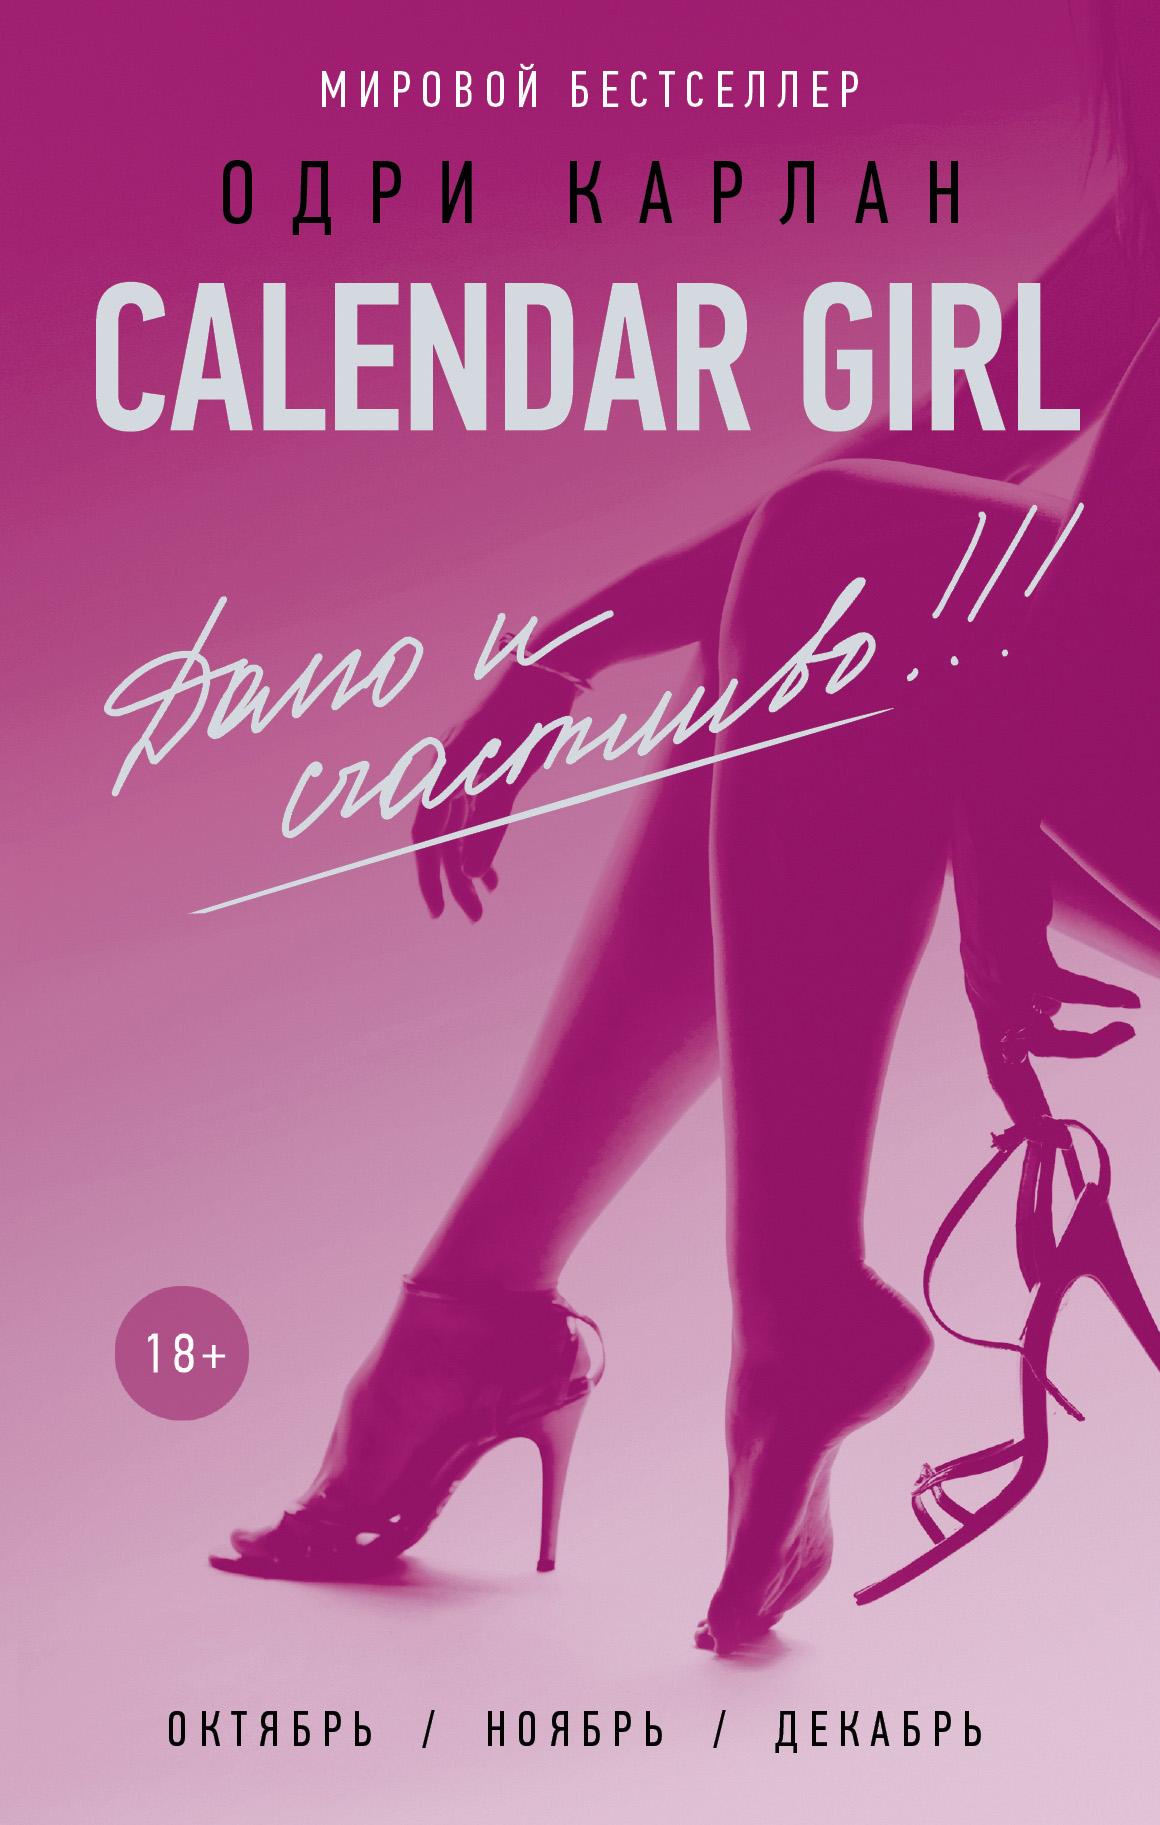 Calendar Girl.Долго и счастливо!